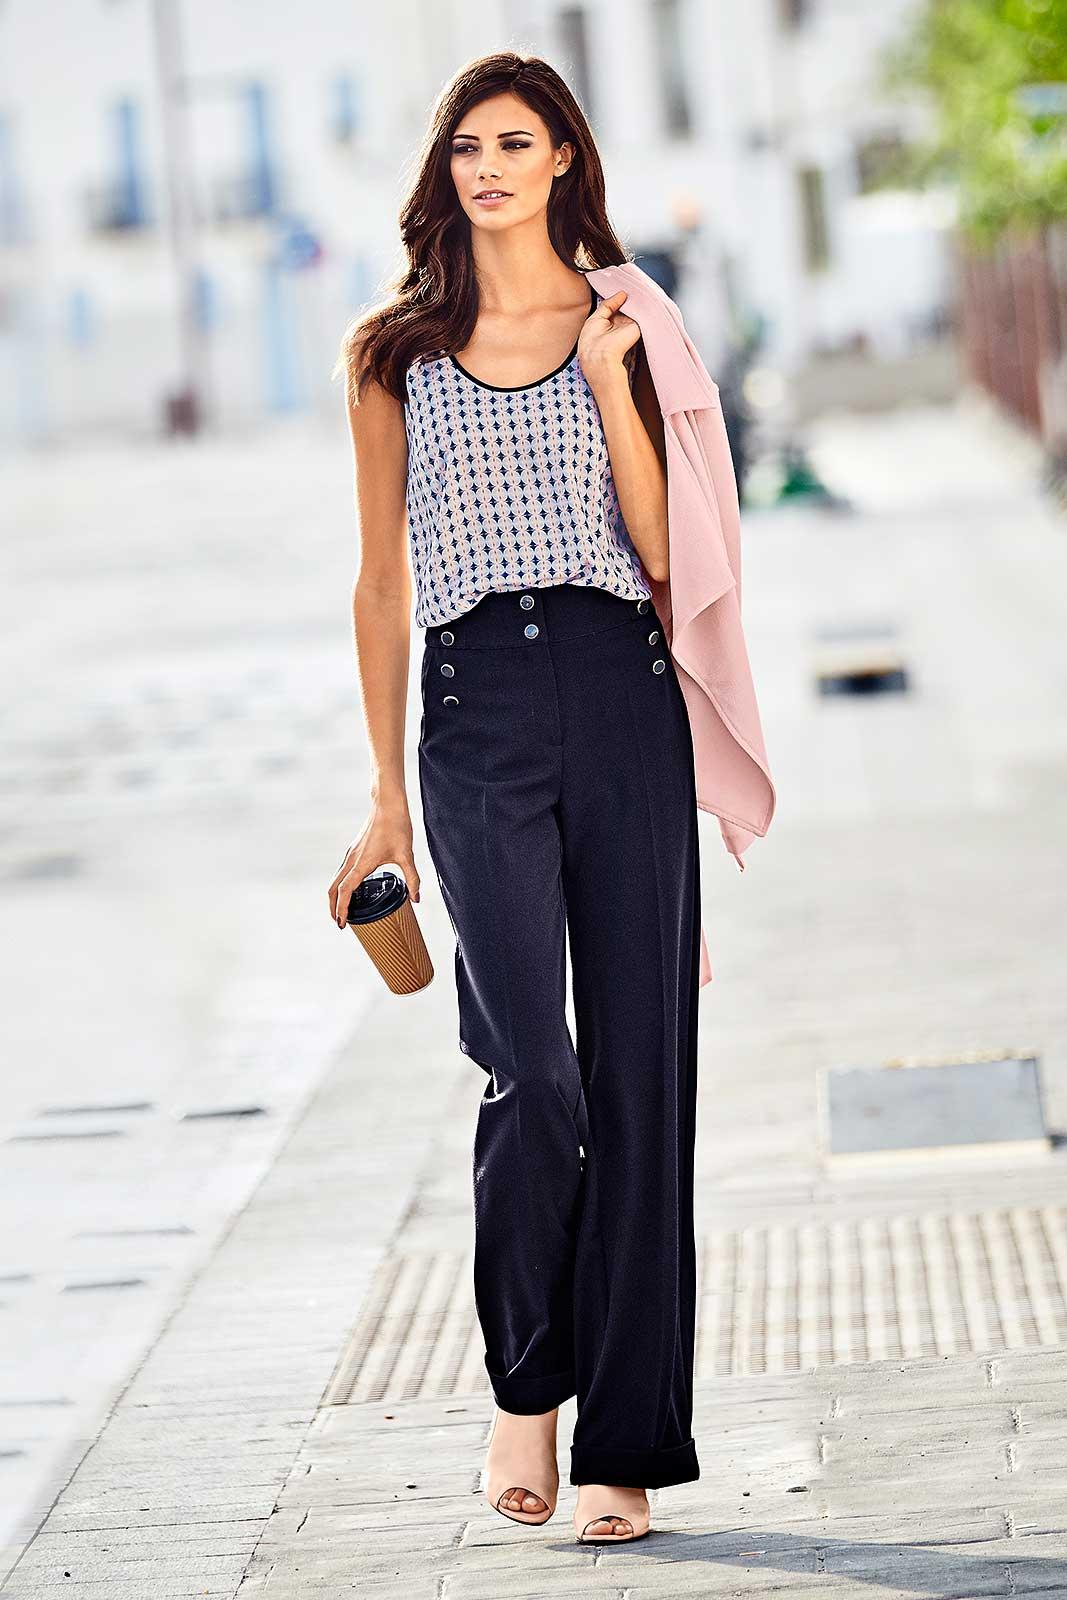 Abendkleider h&m - Neue stilvolle Jacken